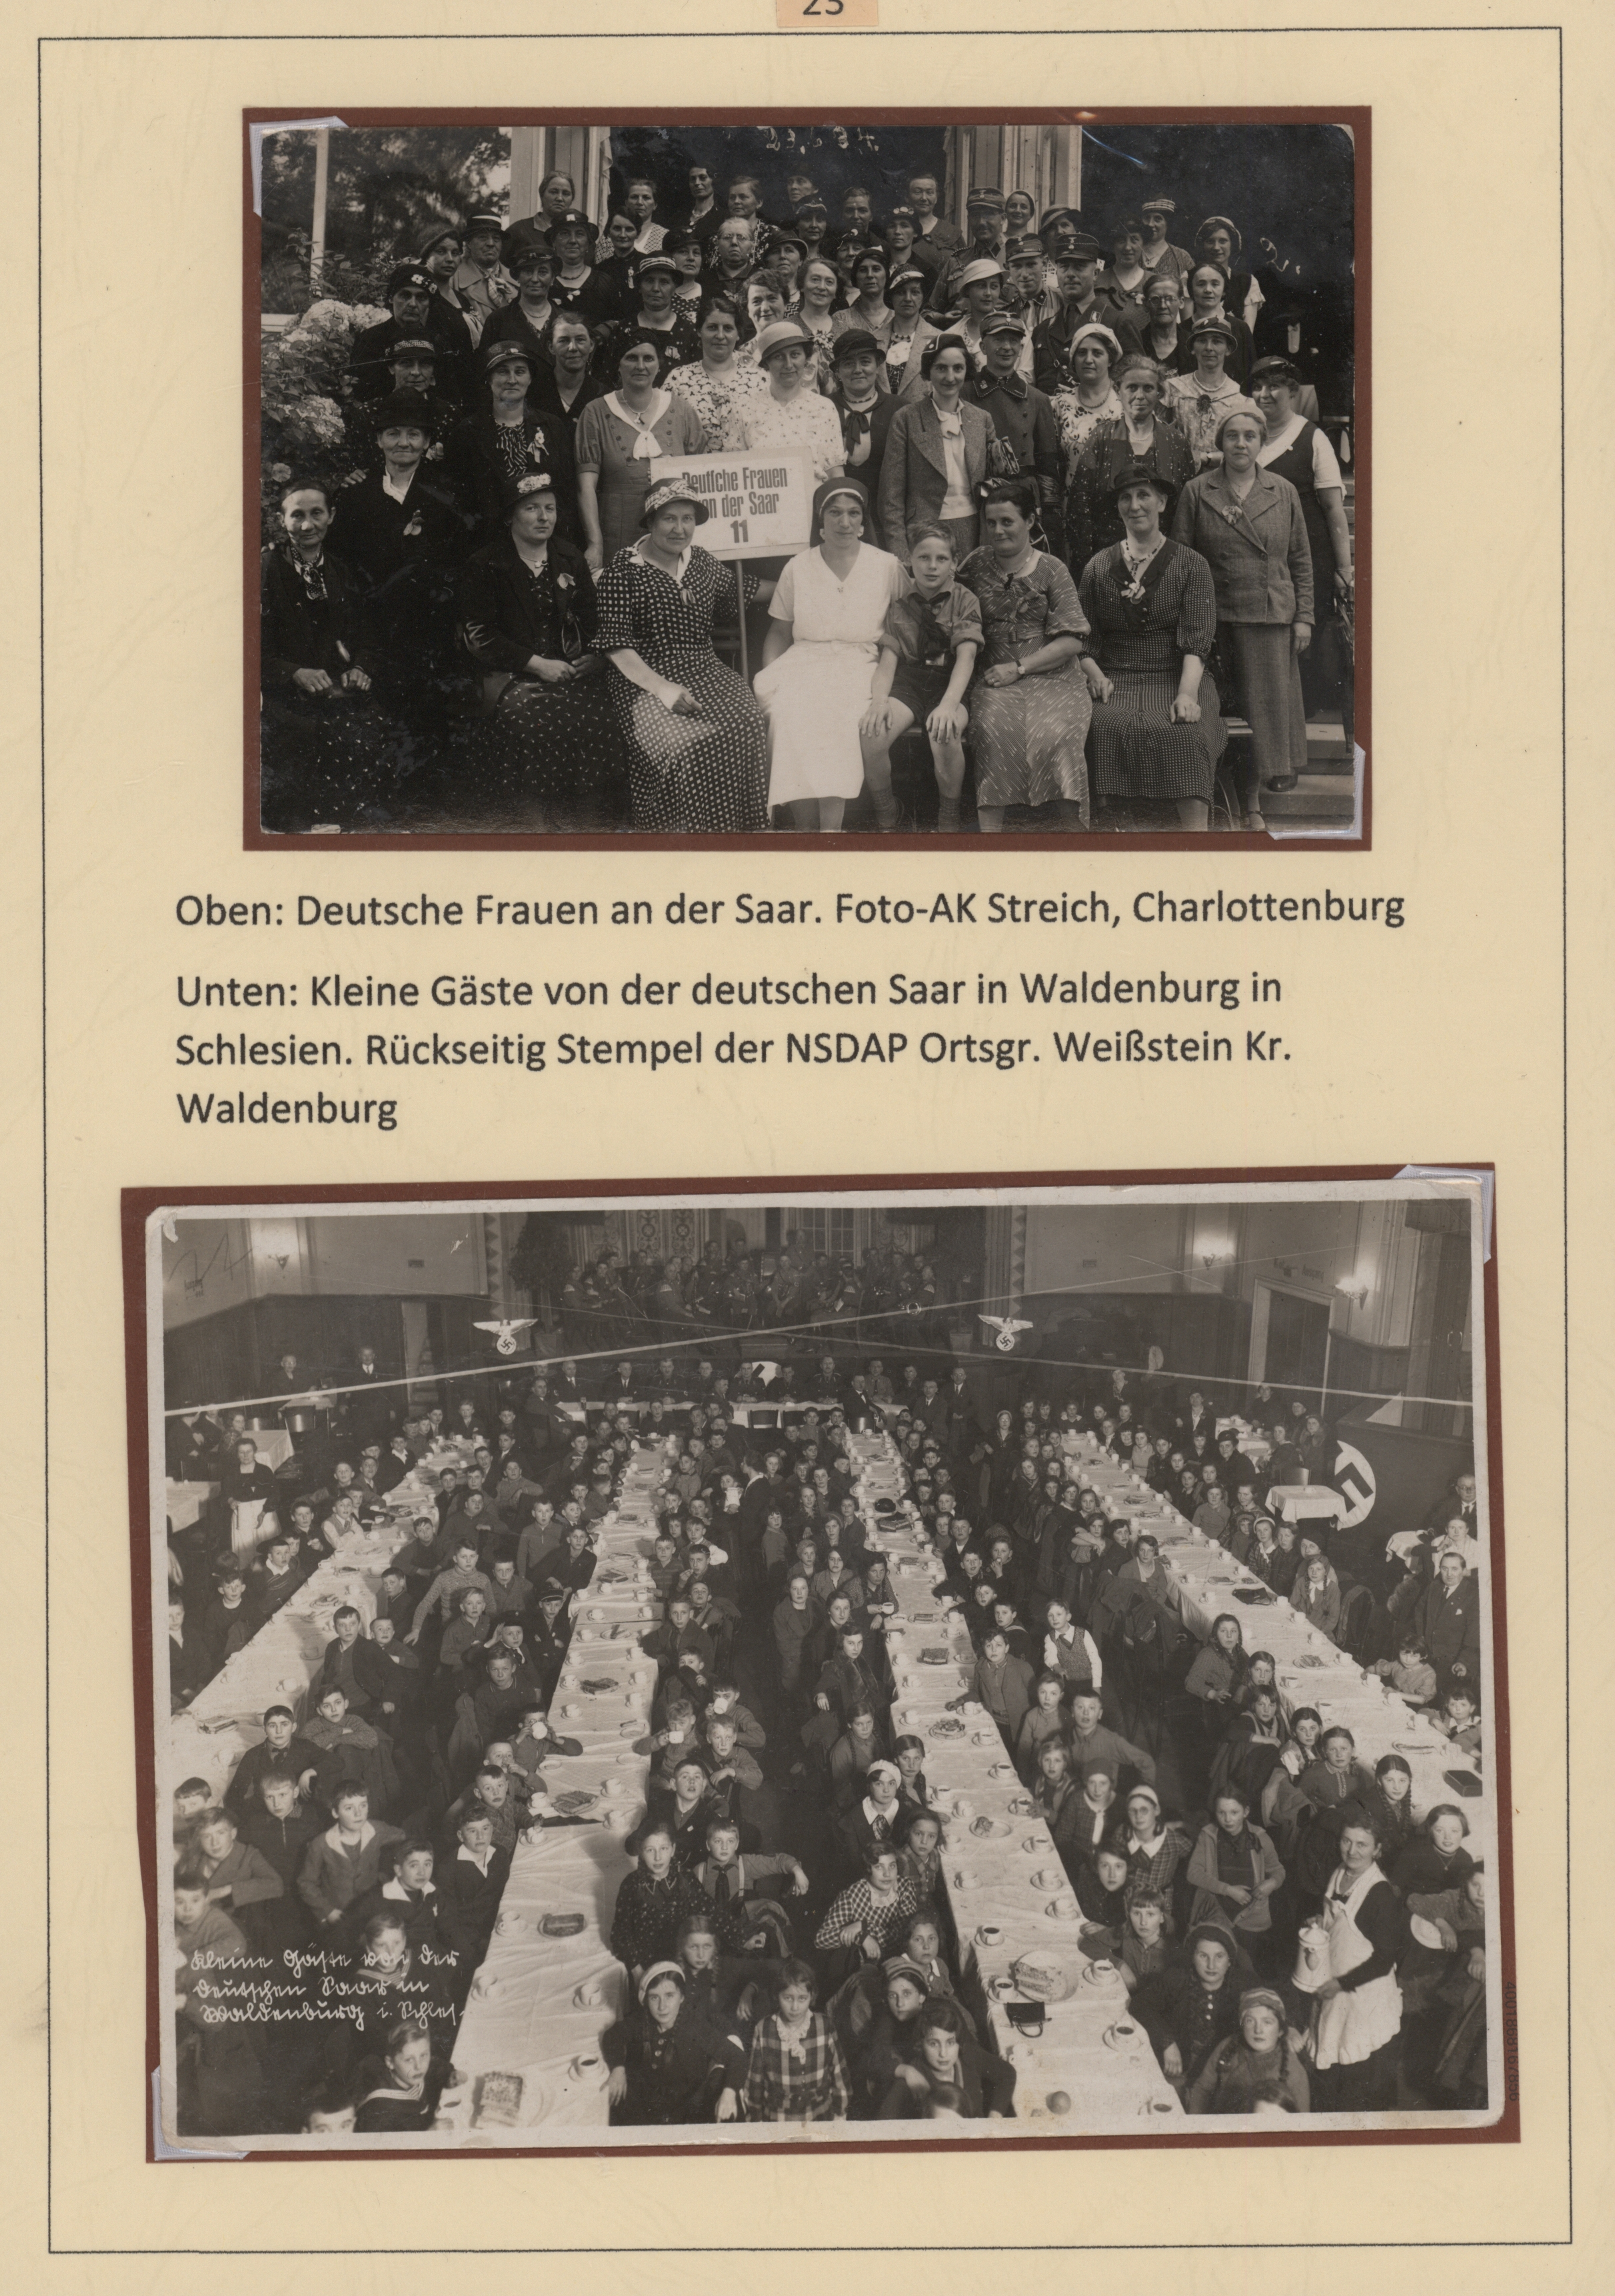 Lot 14756A - Deutsche Abstimmungsgebiete: Saargebiet  -  Auktionshaus Christoph Gärtner GmbH & Co. KG 51th Auction - Day 5